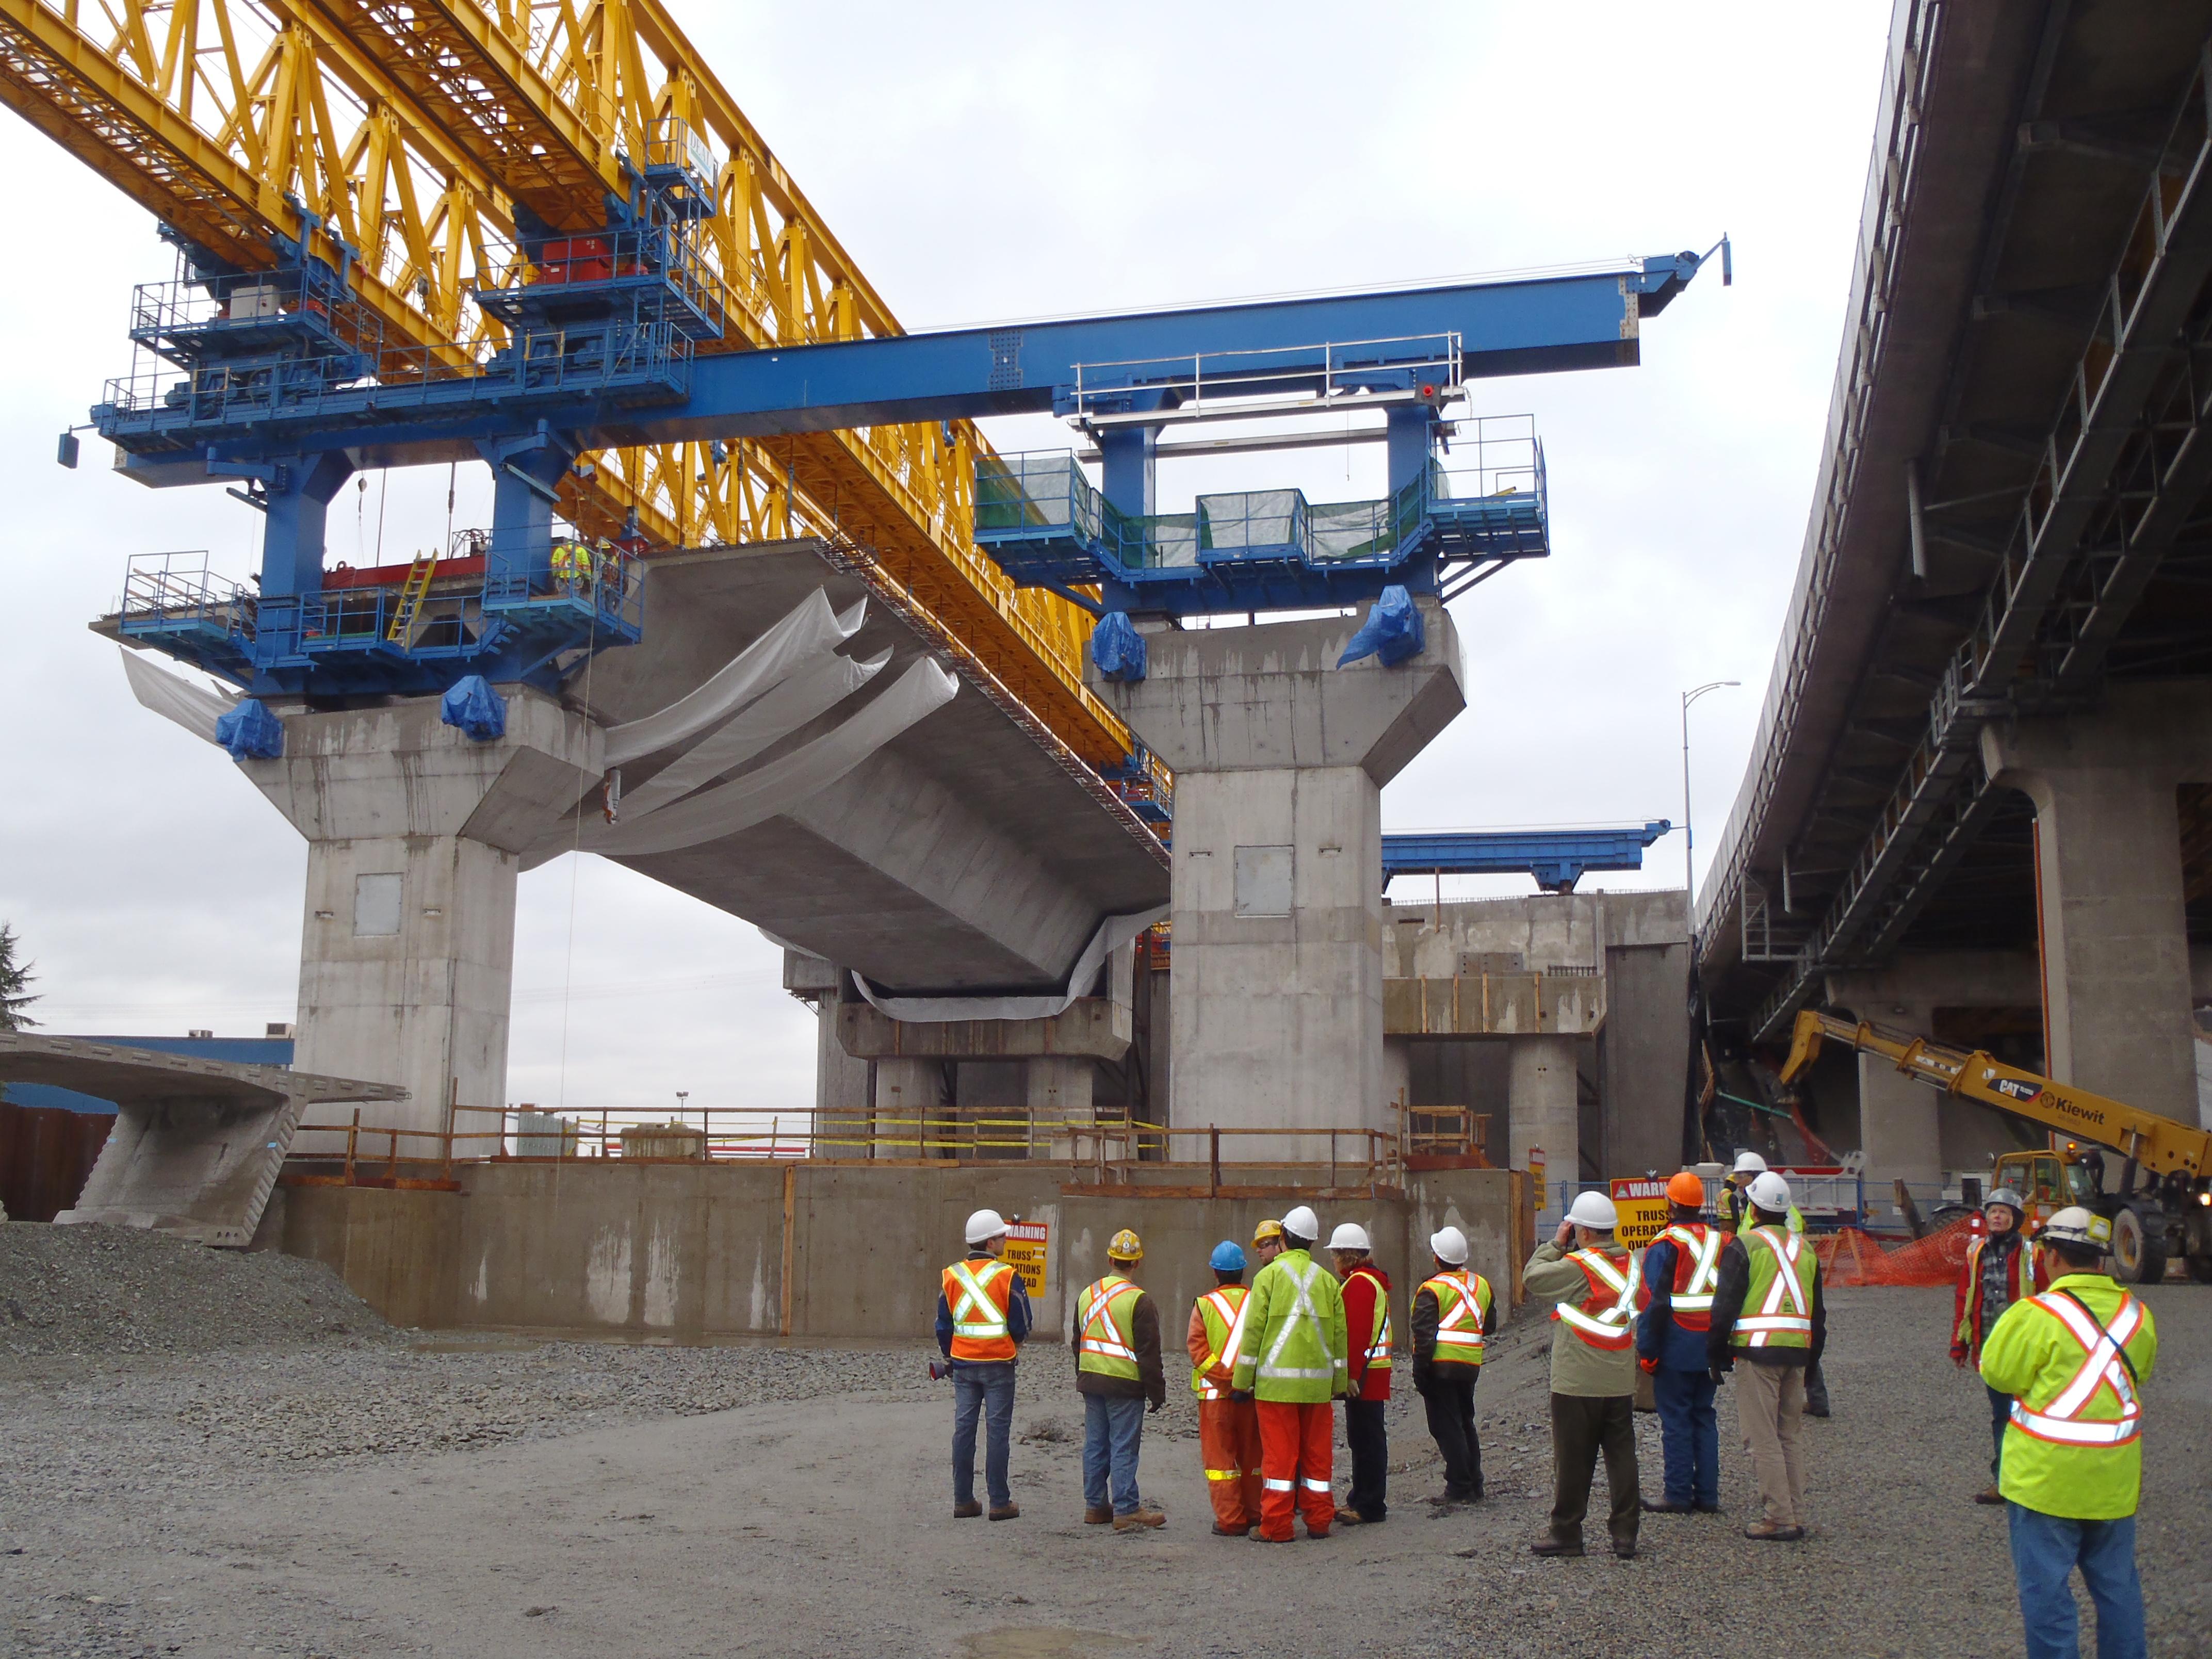 Port Mann Bridge construction